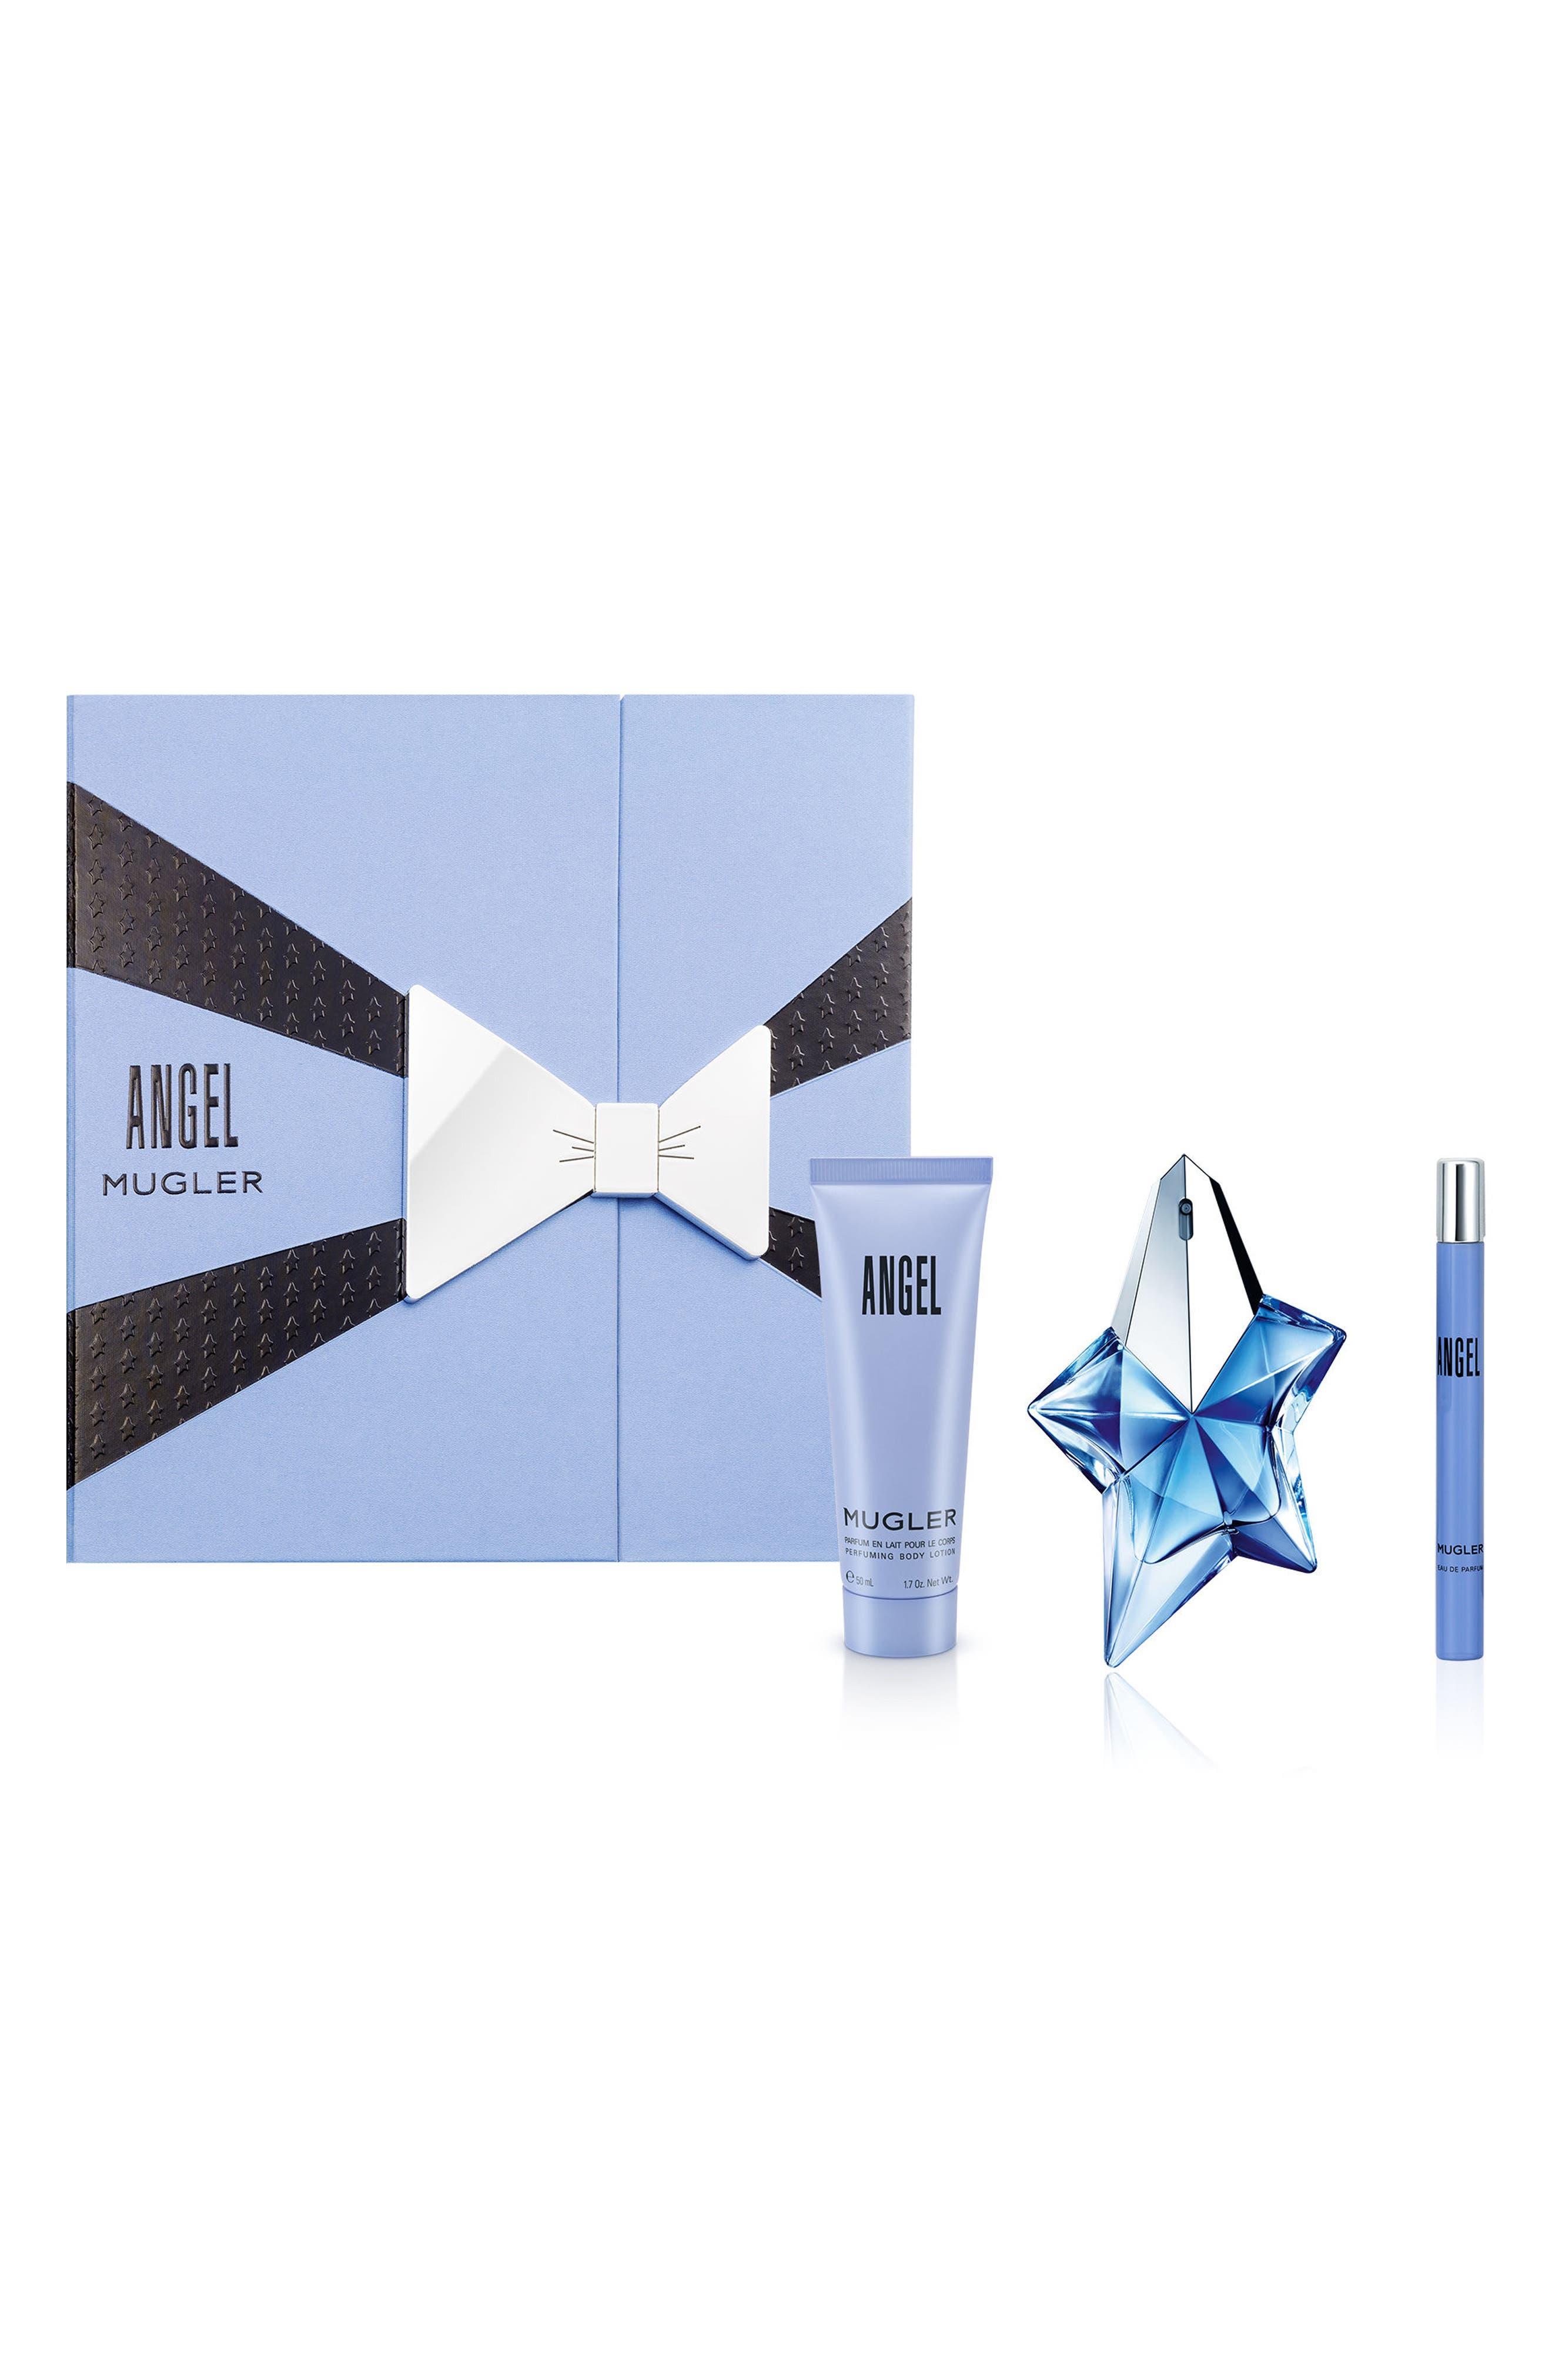 Angel by Mugler Eau de Parfum & Body Lotion Trio ($120 Value)